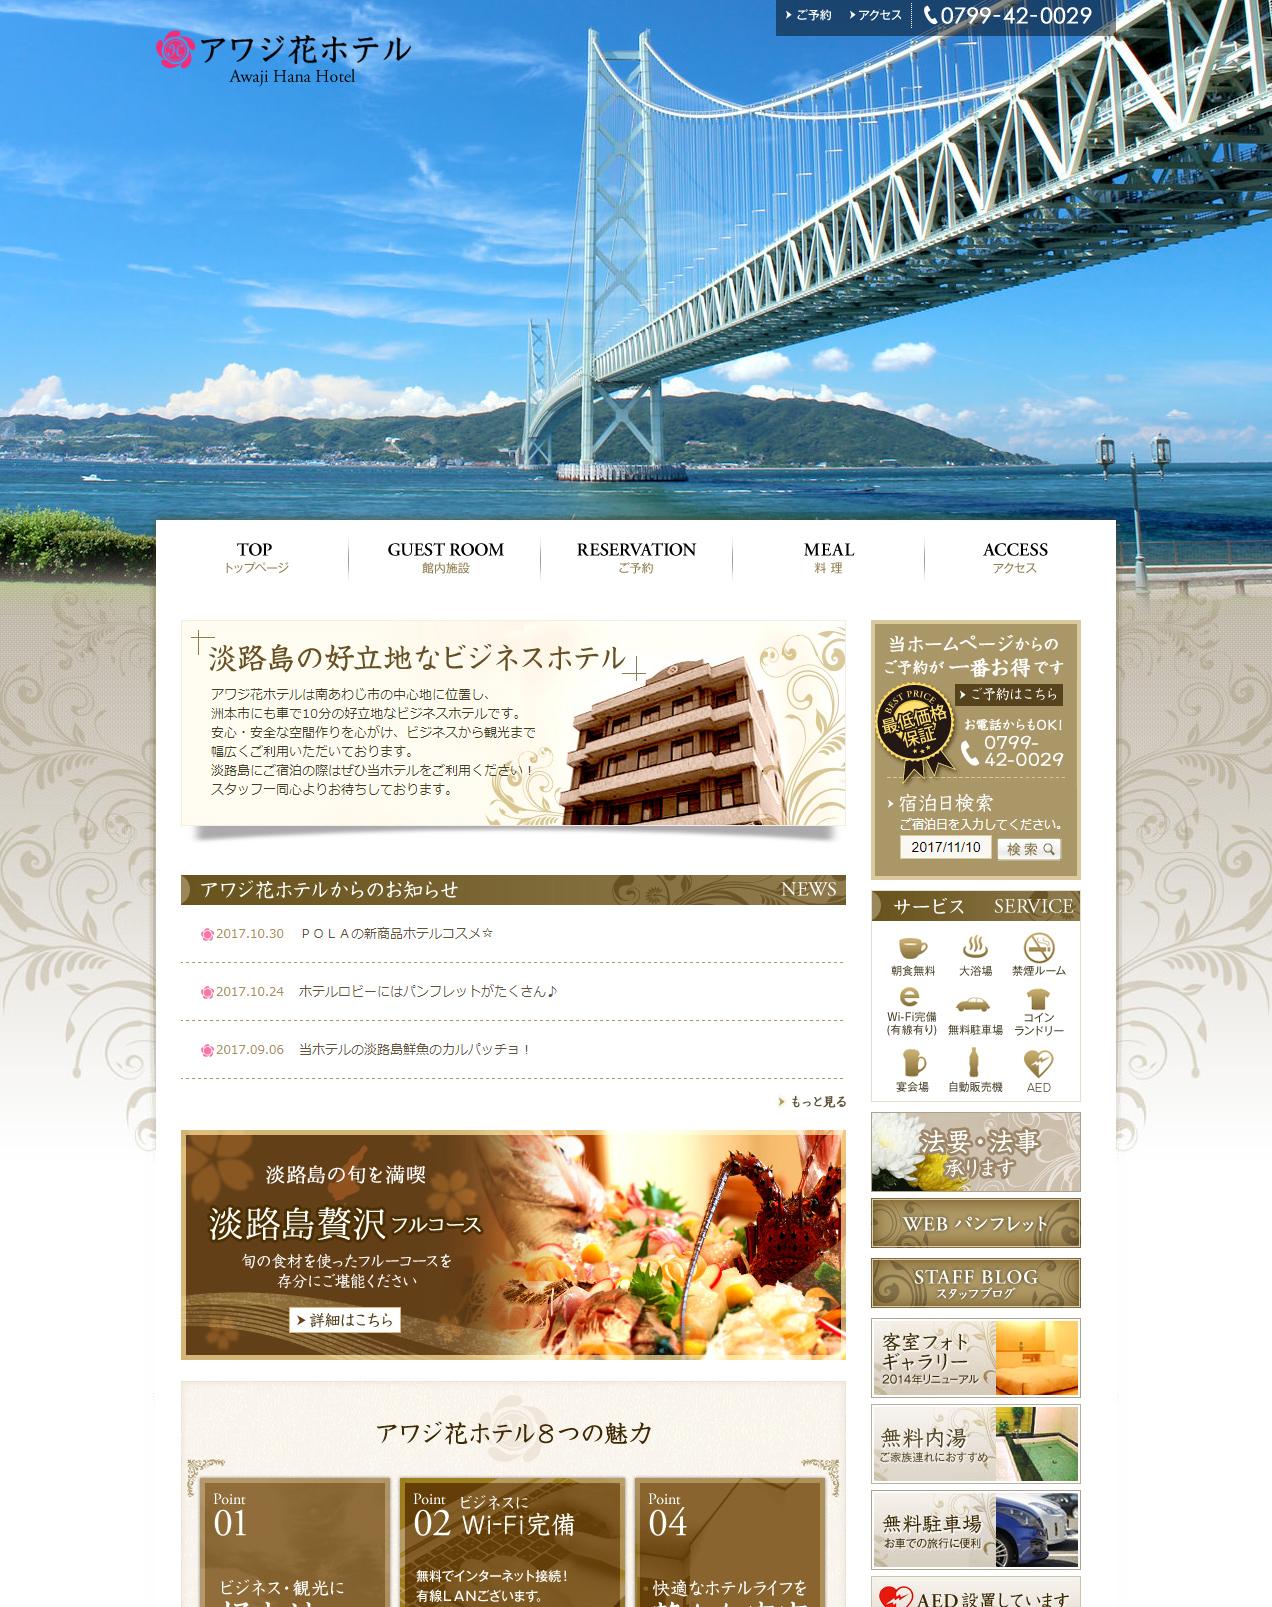 アワジ花ホテル様ホームページ制作